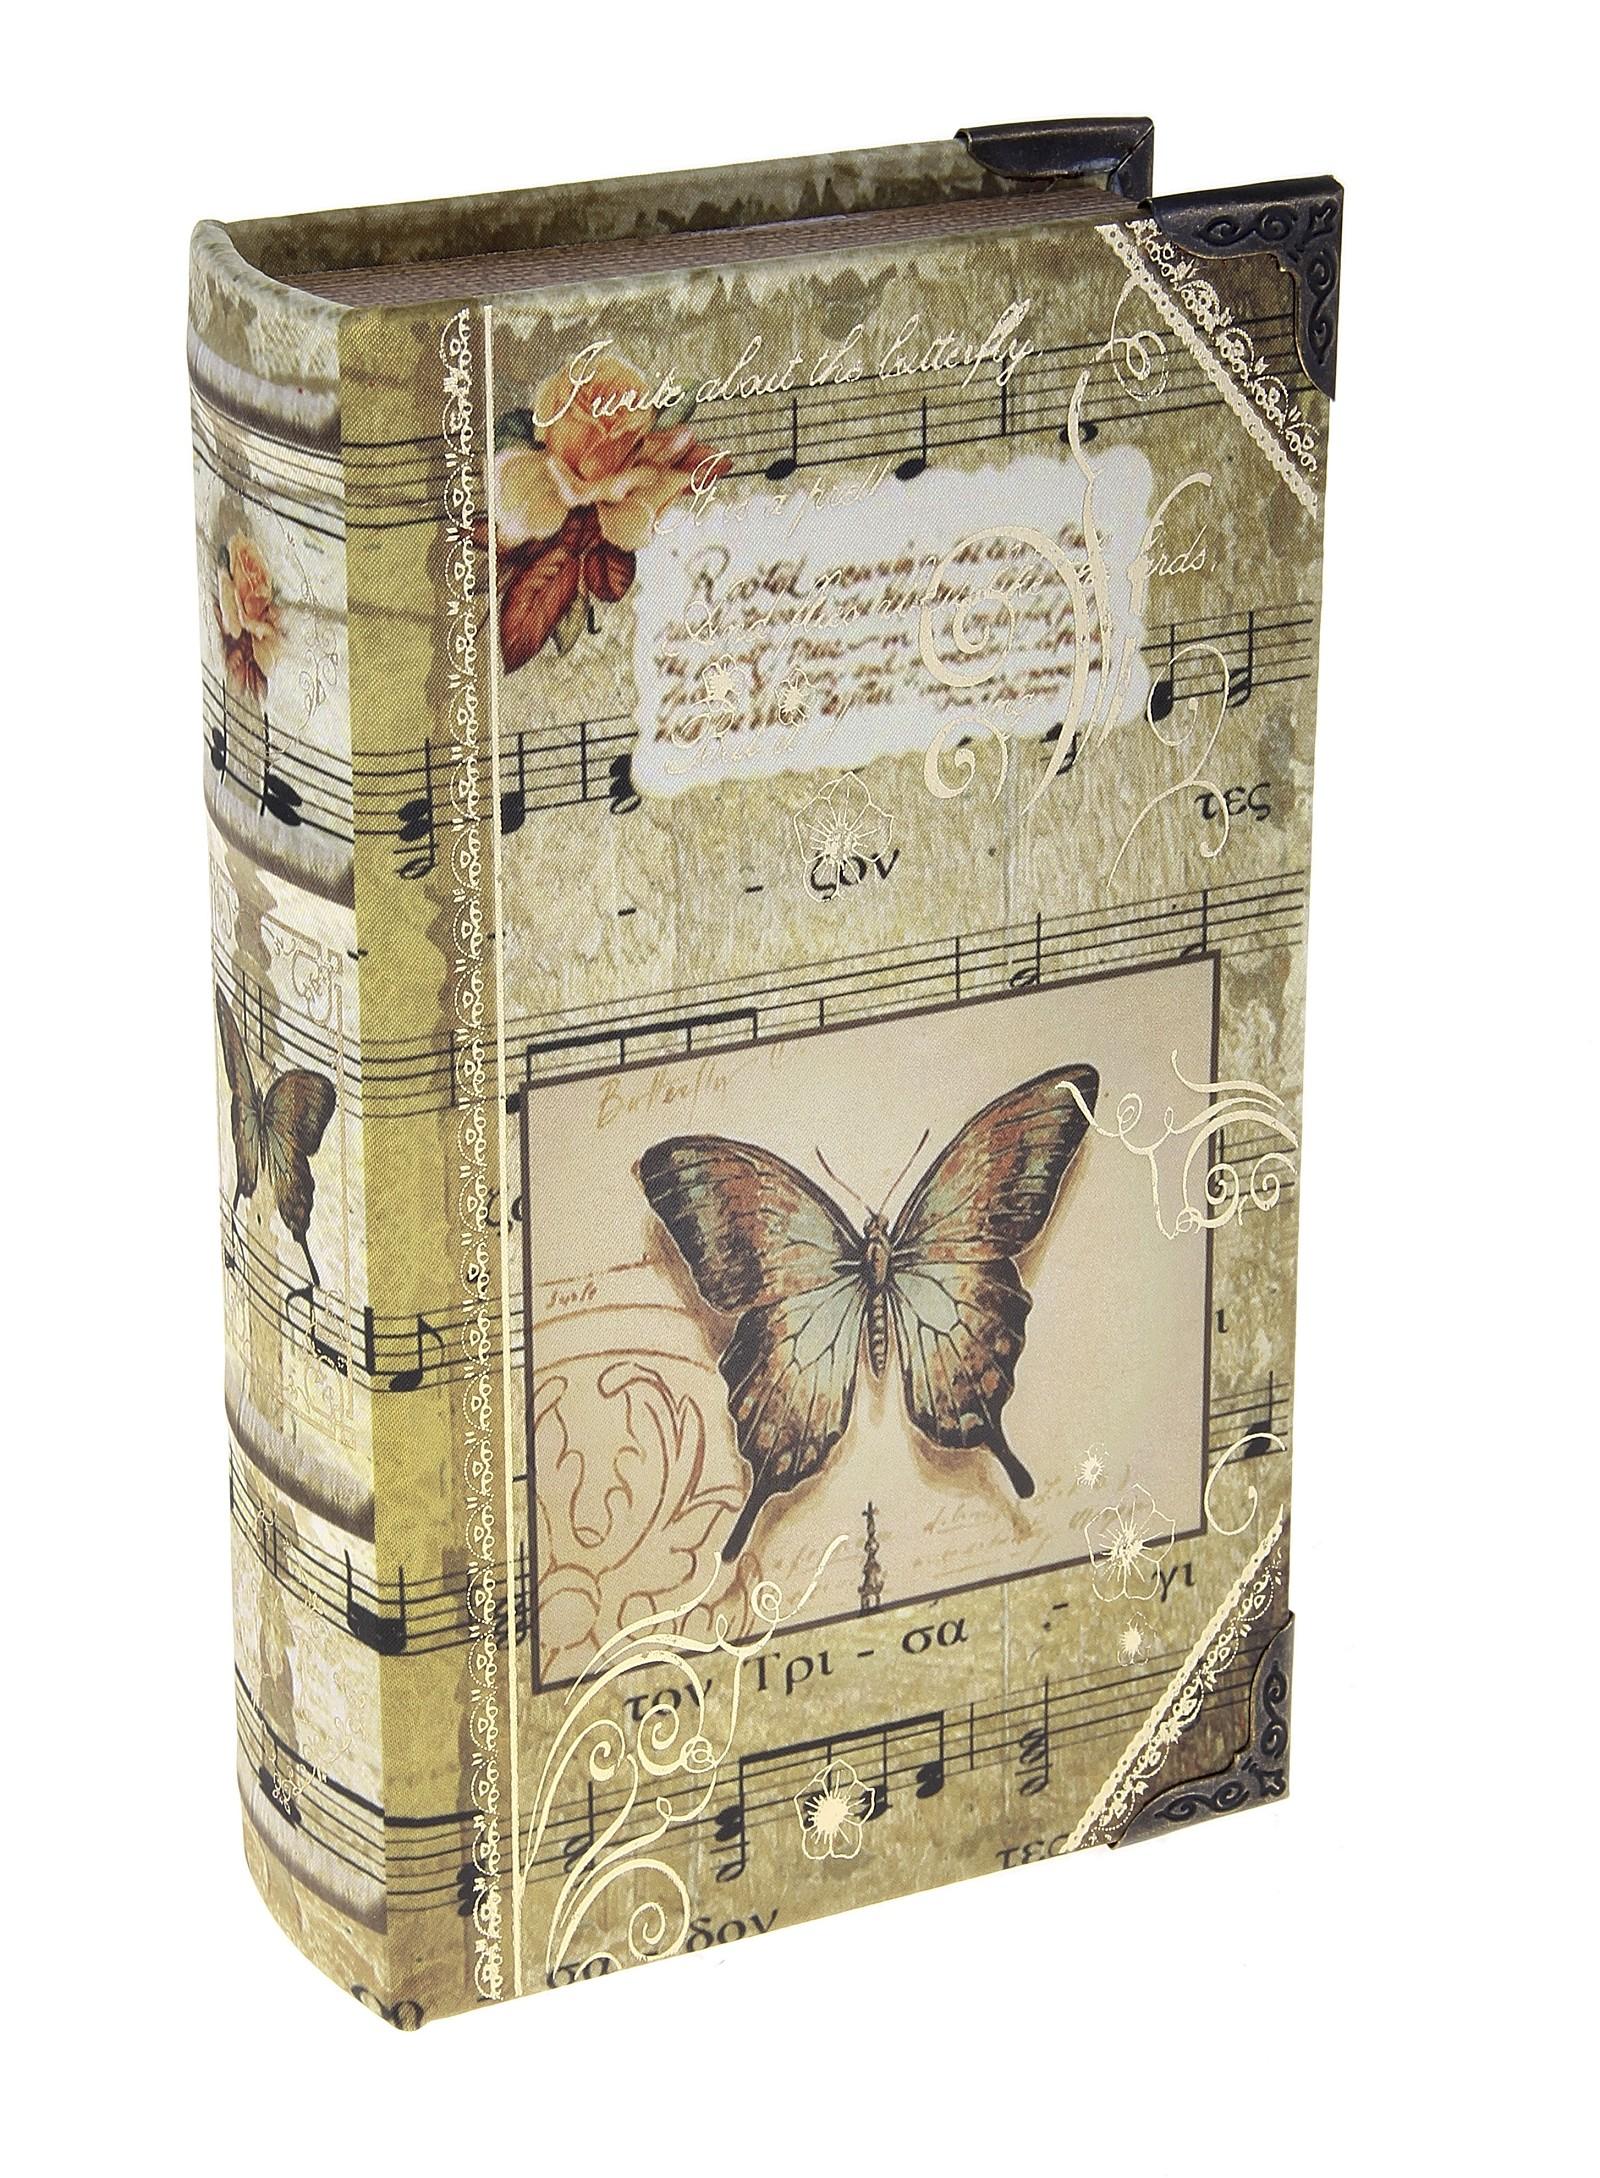 Шкатулка-книга Музыка природы680661Шкатулка-книга Музыка природы изготовлена из дерева. Оригинальное оформление шкатулки, несомненно, привлечет внимание. Шкатулка выполнена в виде книги с изображением бабочки нот, украшена орнаментом. Поверхность шкатулки выполнена из шёлка. Такая шкатулка может использоваться для хранения бижутерии, в качестве украшения интерьера, а также послужит хорошим подарком для человека, ценящего практичные и оригинальные вещицы. Характеристики:Материал: дерево, кожзам, шёлк, металл. Размер шкатулки (в закрытом виде): 21 см х 13 см х 5 см. Размер упаковки: 22 см х 14 см х 6 см. Артикул: 680661.